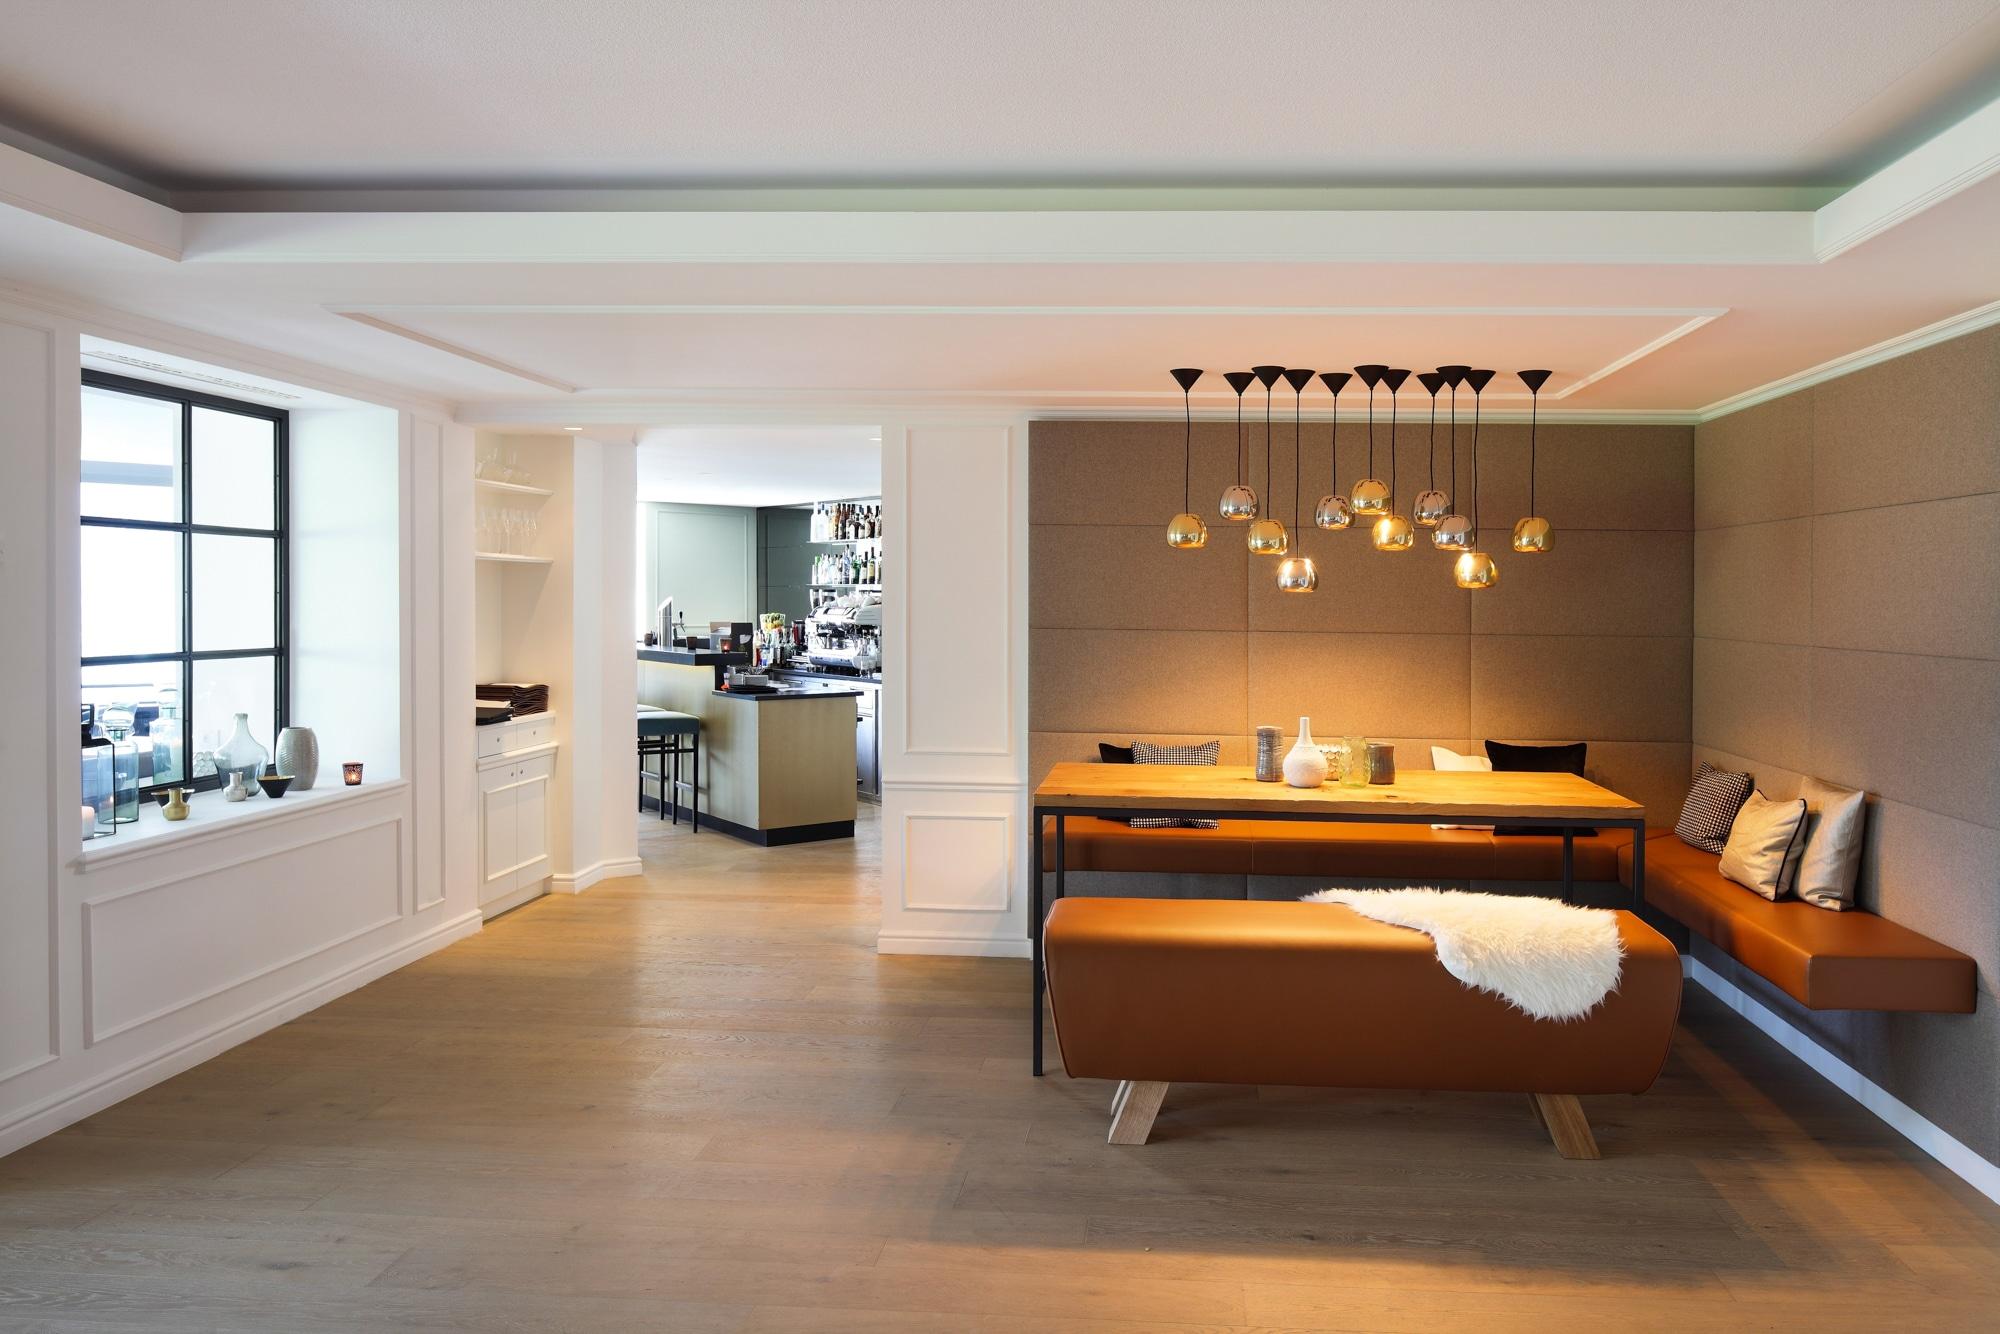 Das Tegernsee Hotel- Brystning